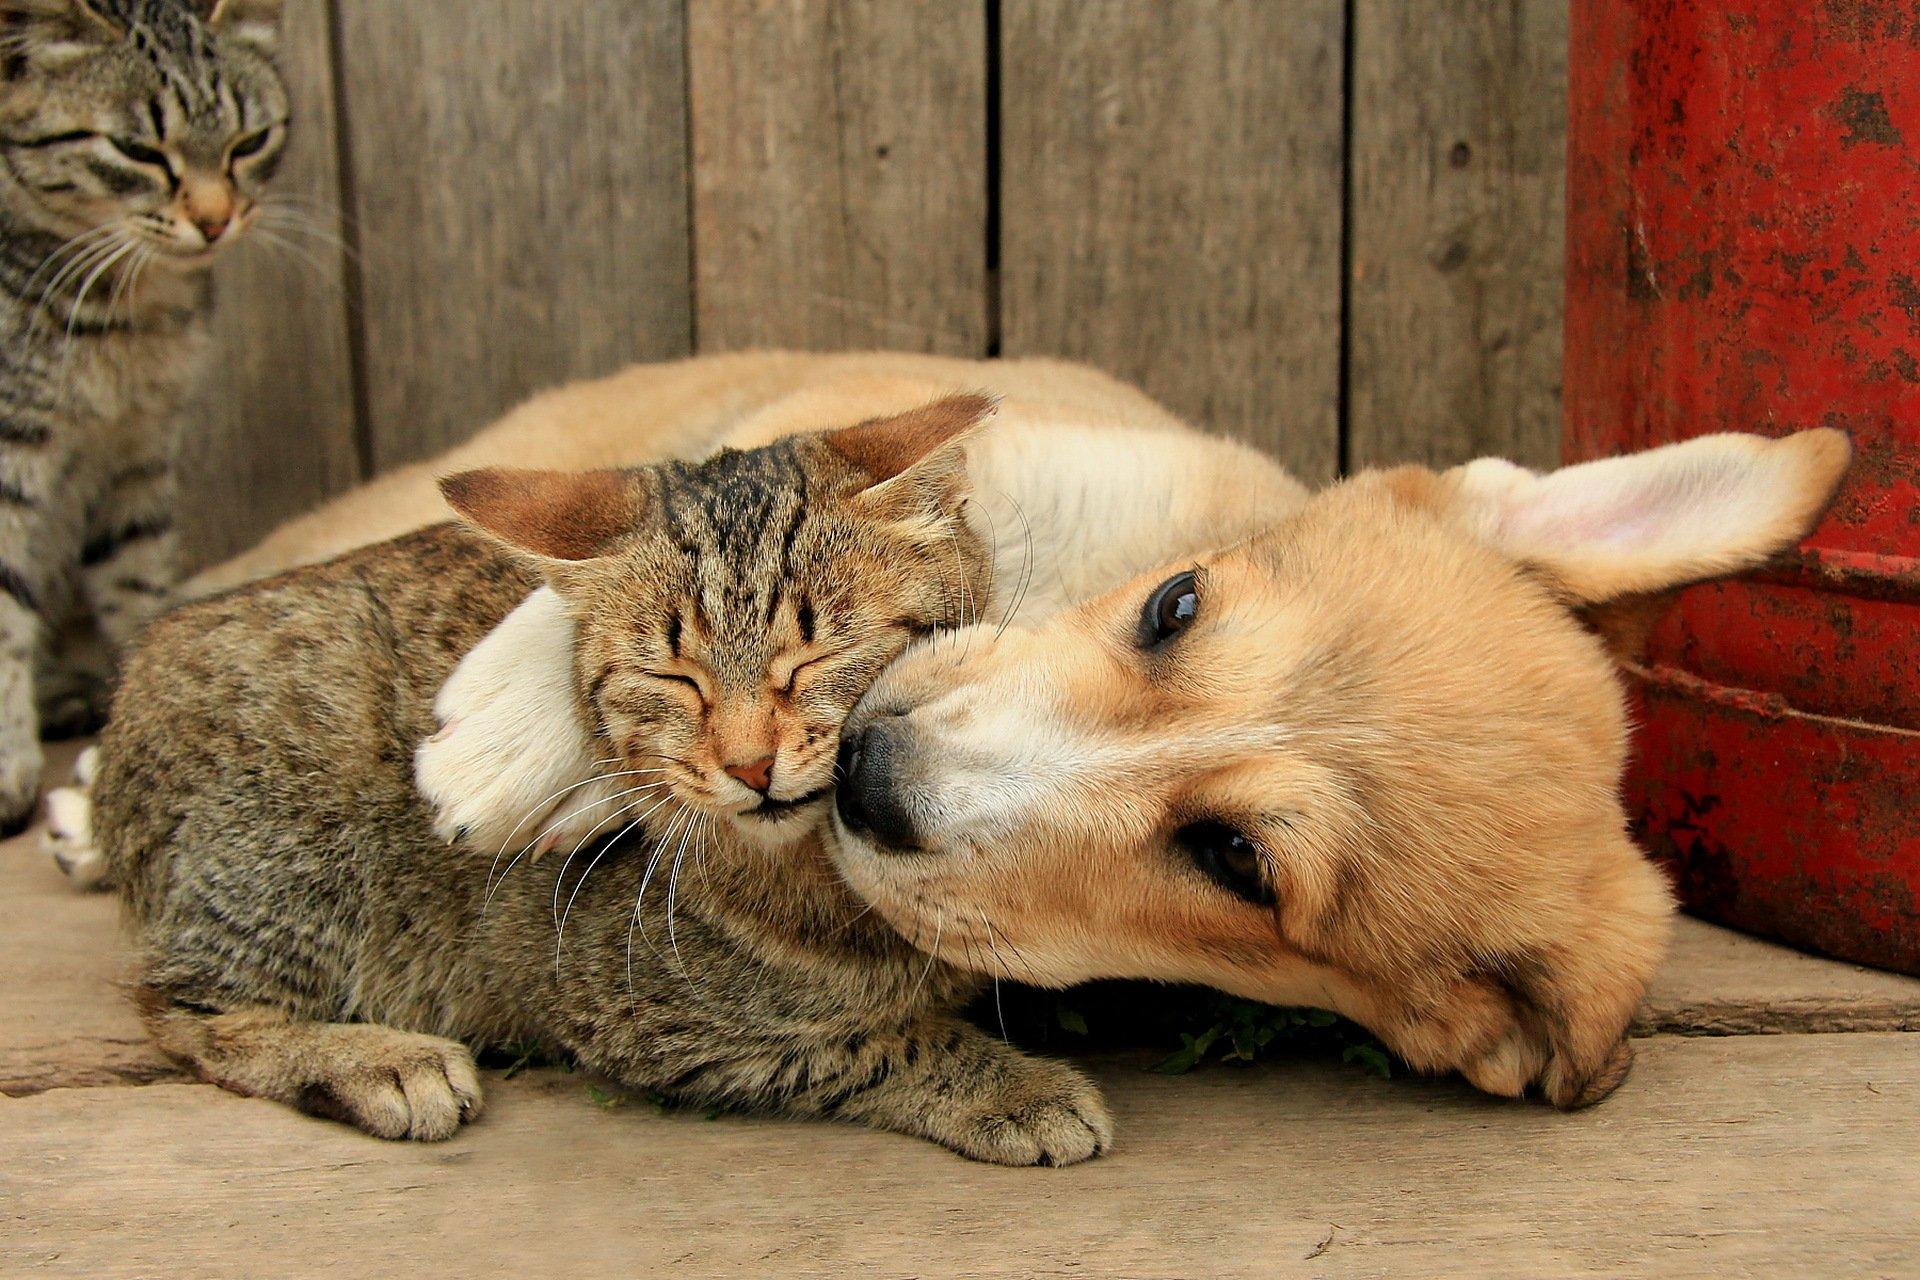 Александру, прикольные картинки про животных и любовь